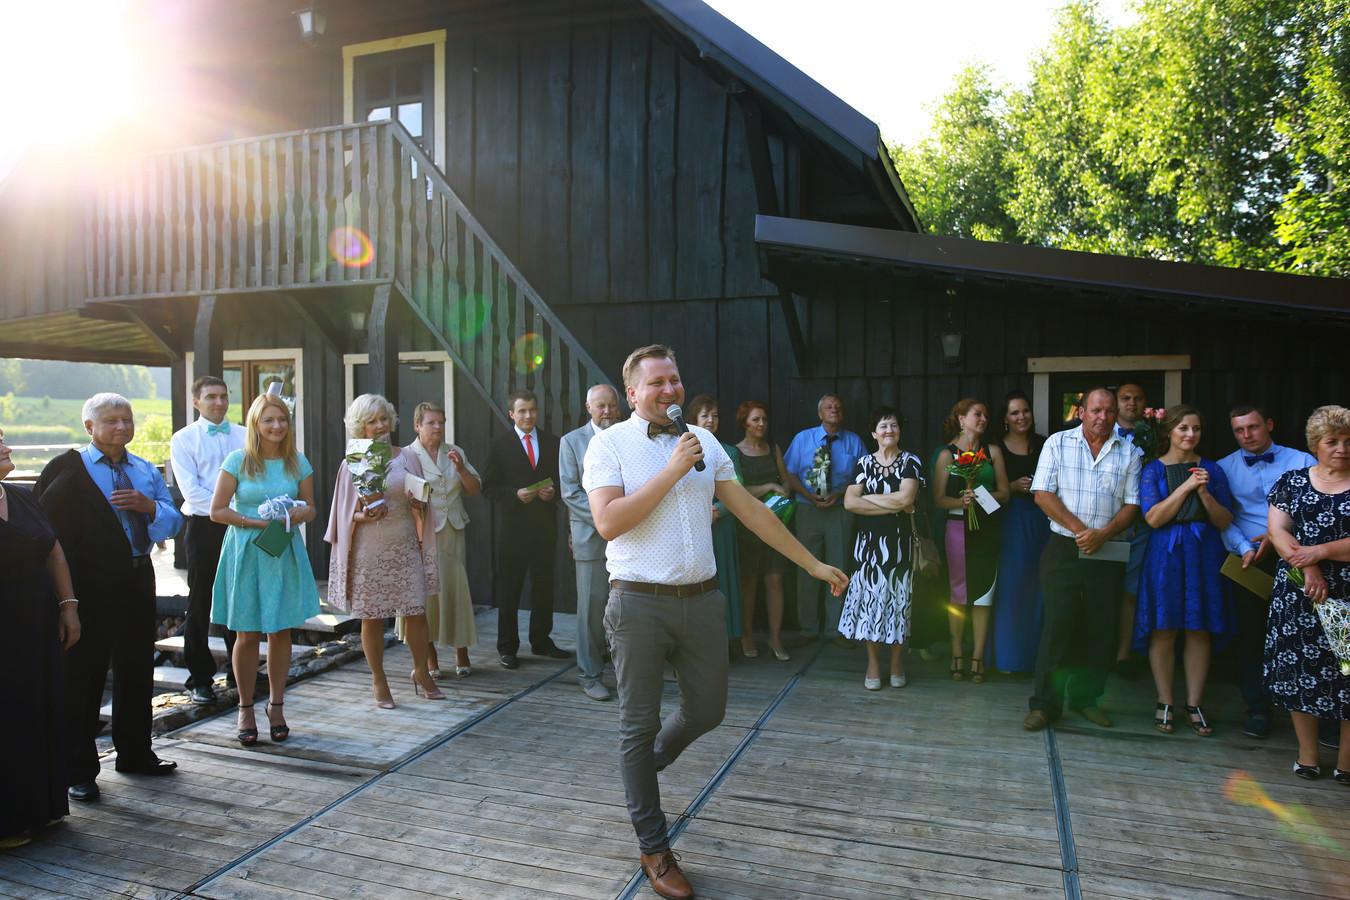 Pilnas vestuvių vakaro vedimas. Broniaus sodyba, Rokiškio rajonas. Vestuvių vedėjai Švogeriai LT